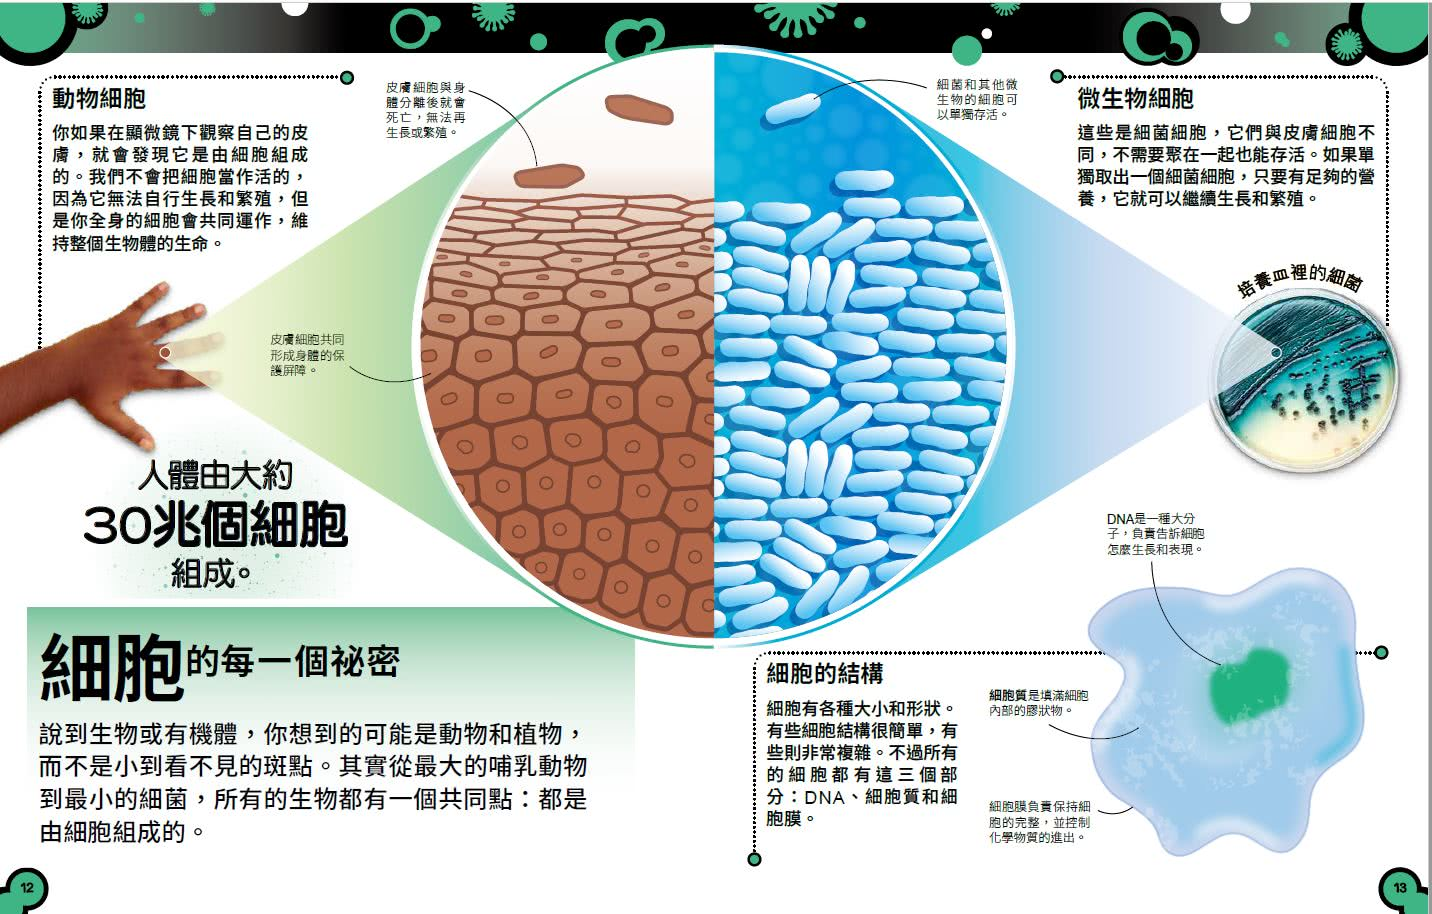 小心 這本書有細菌!:認識細菌、病毒和真菌的強大微生物王國